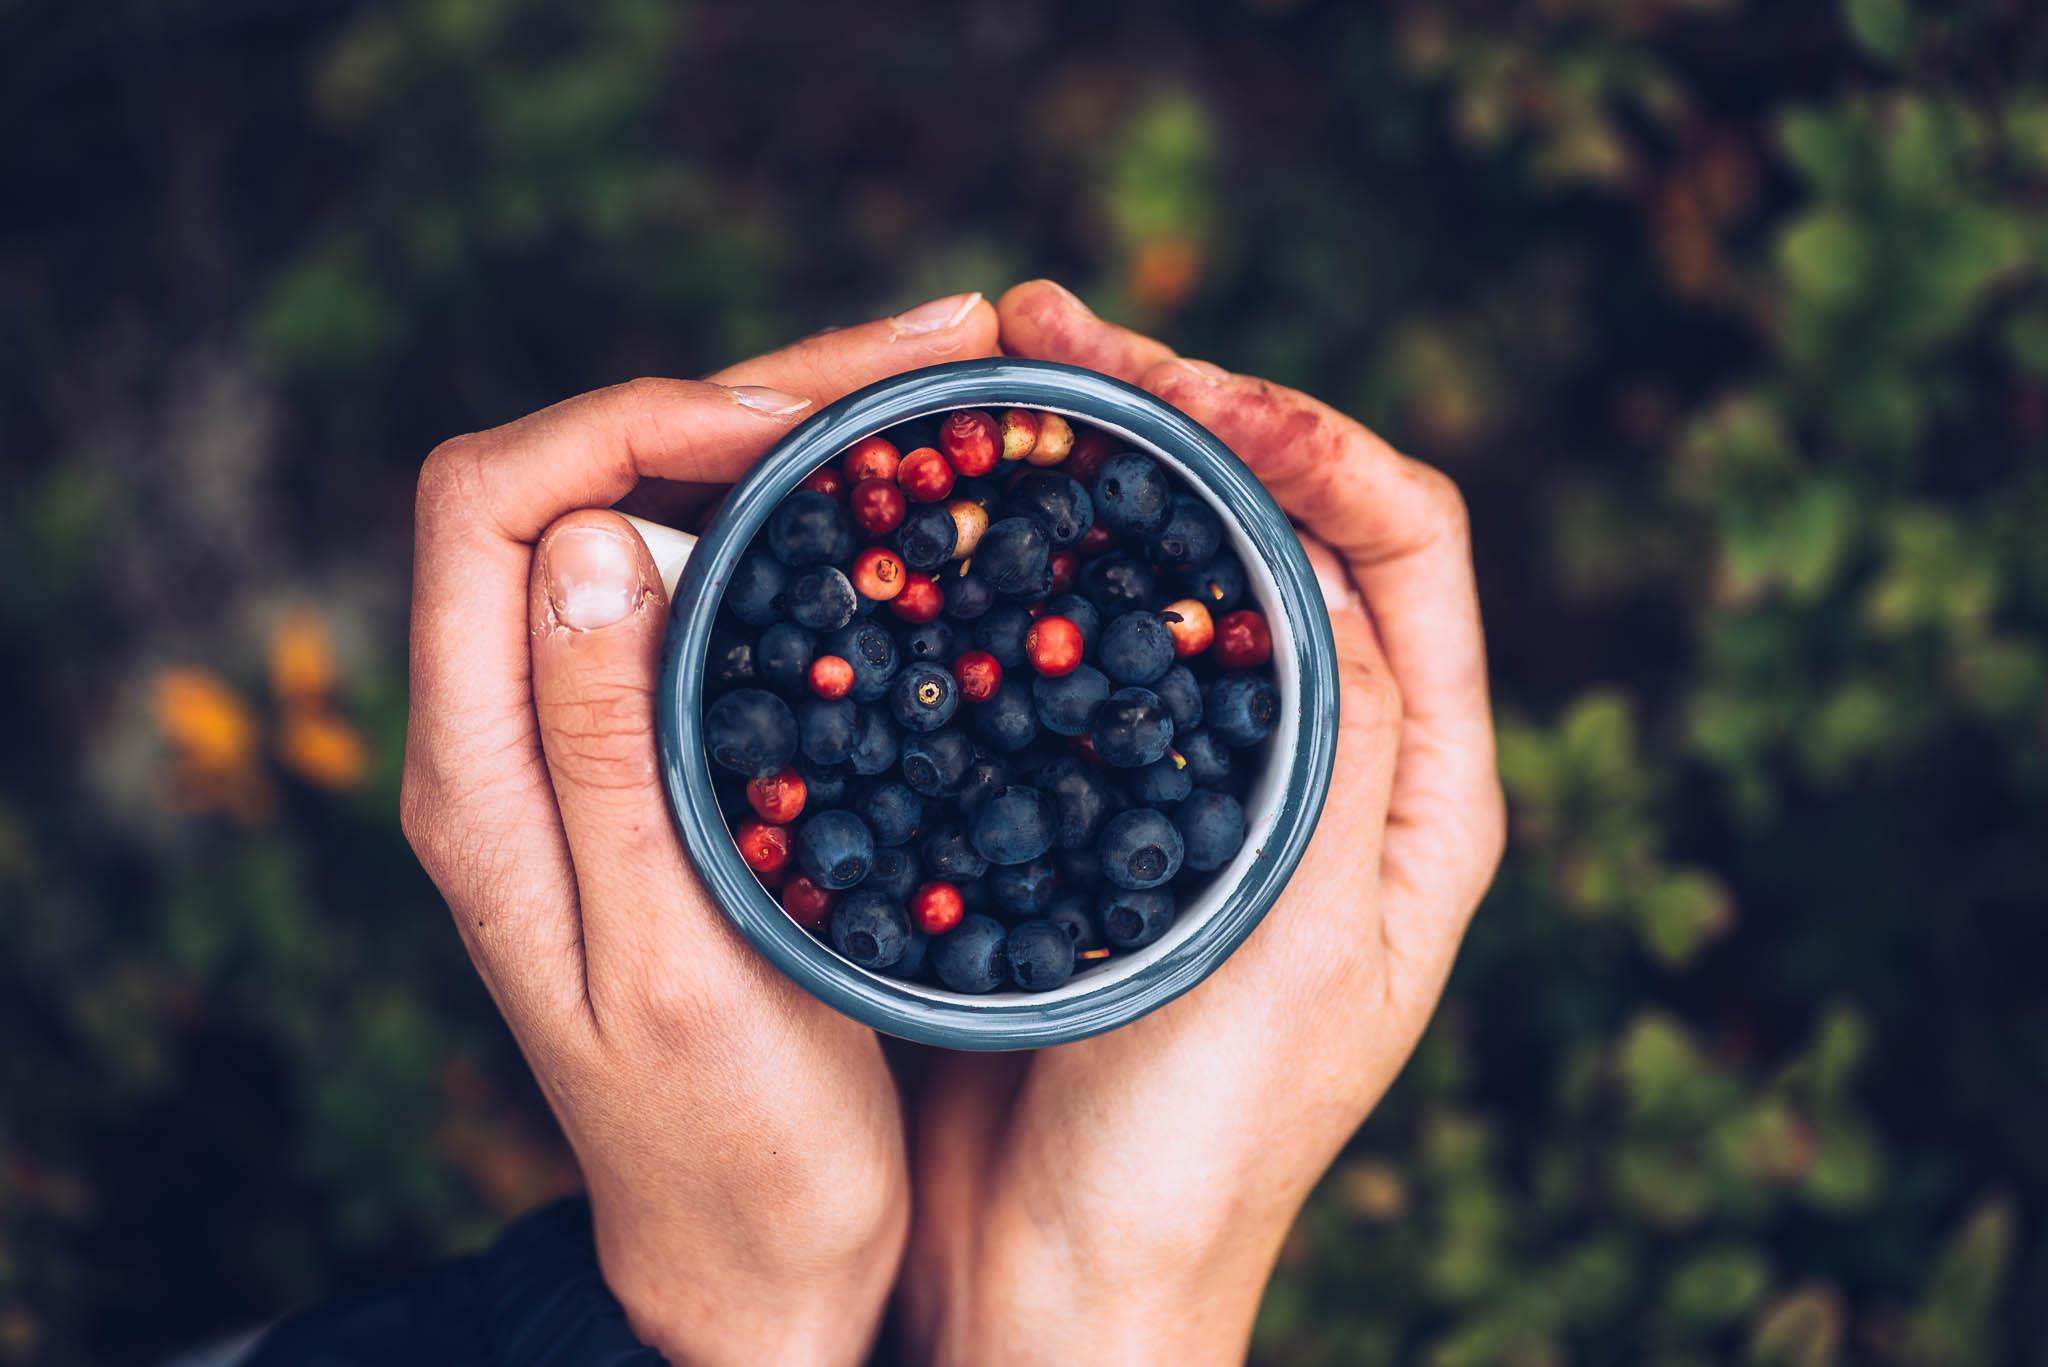 Hände, die Beeren in einer Tasse halten